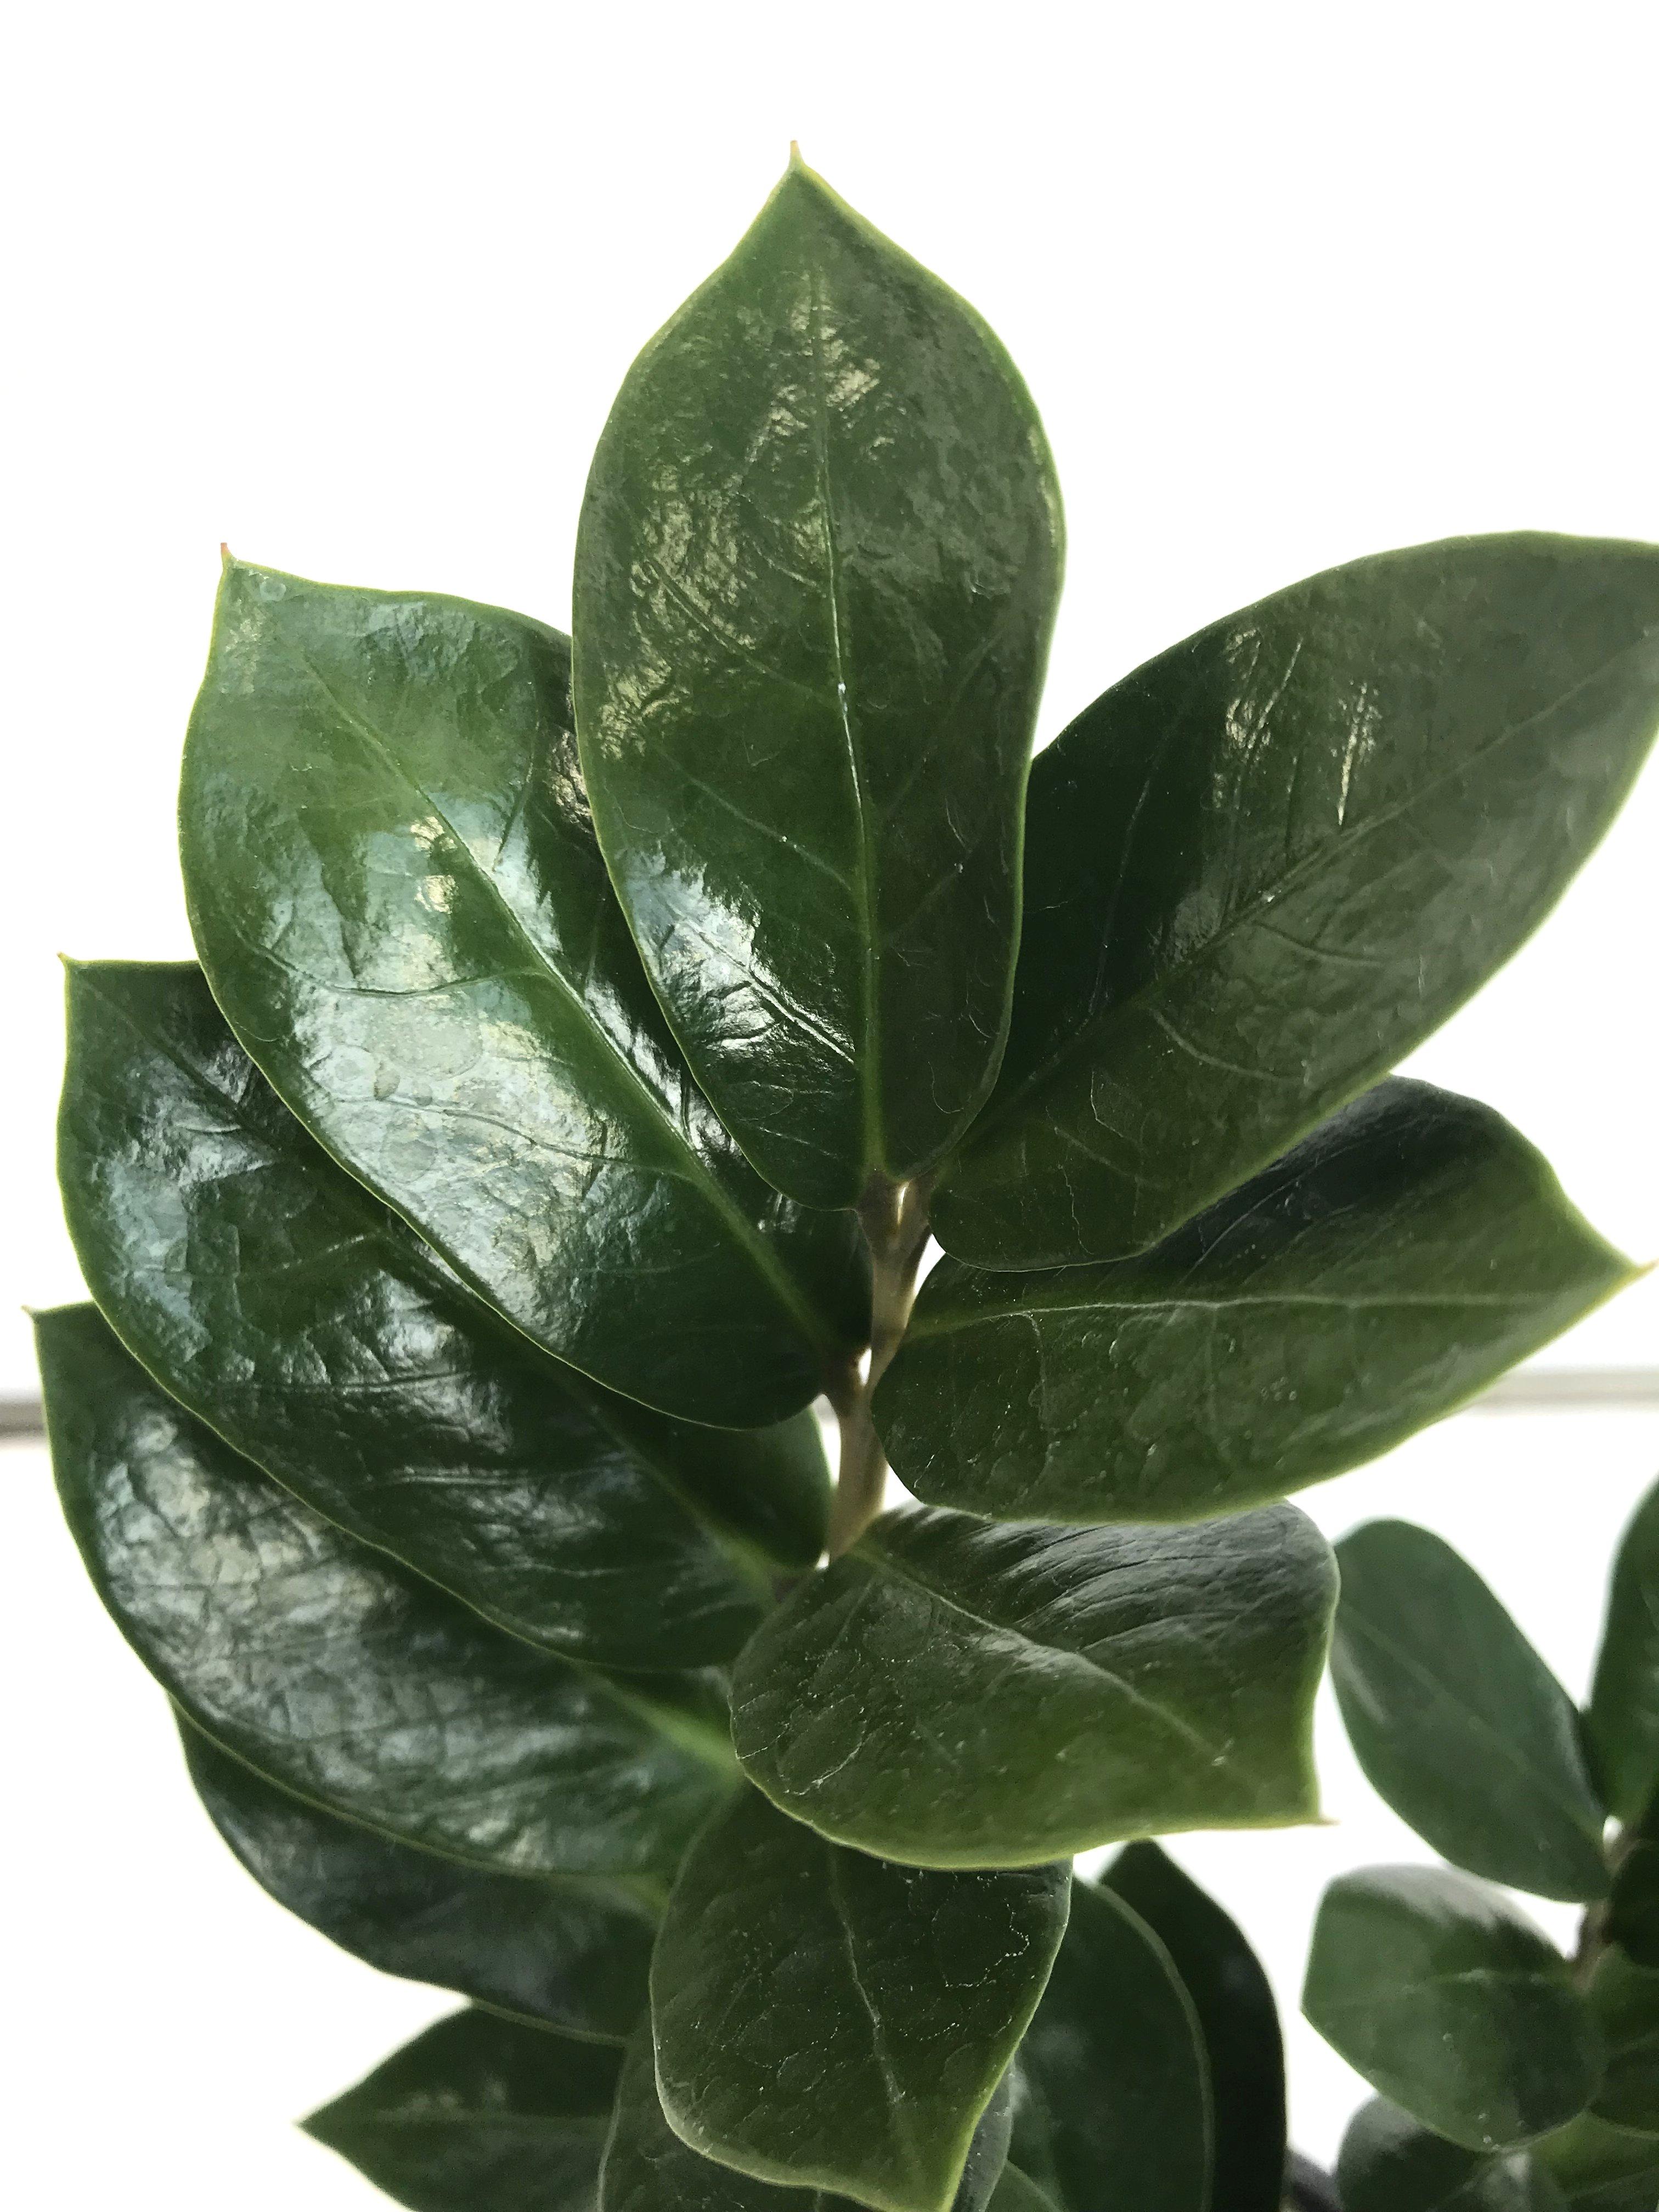 観葉植物 ザミオクルカス ザミフォーリア 4号育成鉢 1鉢 - 6